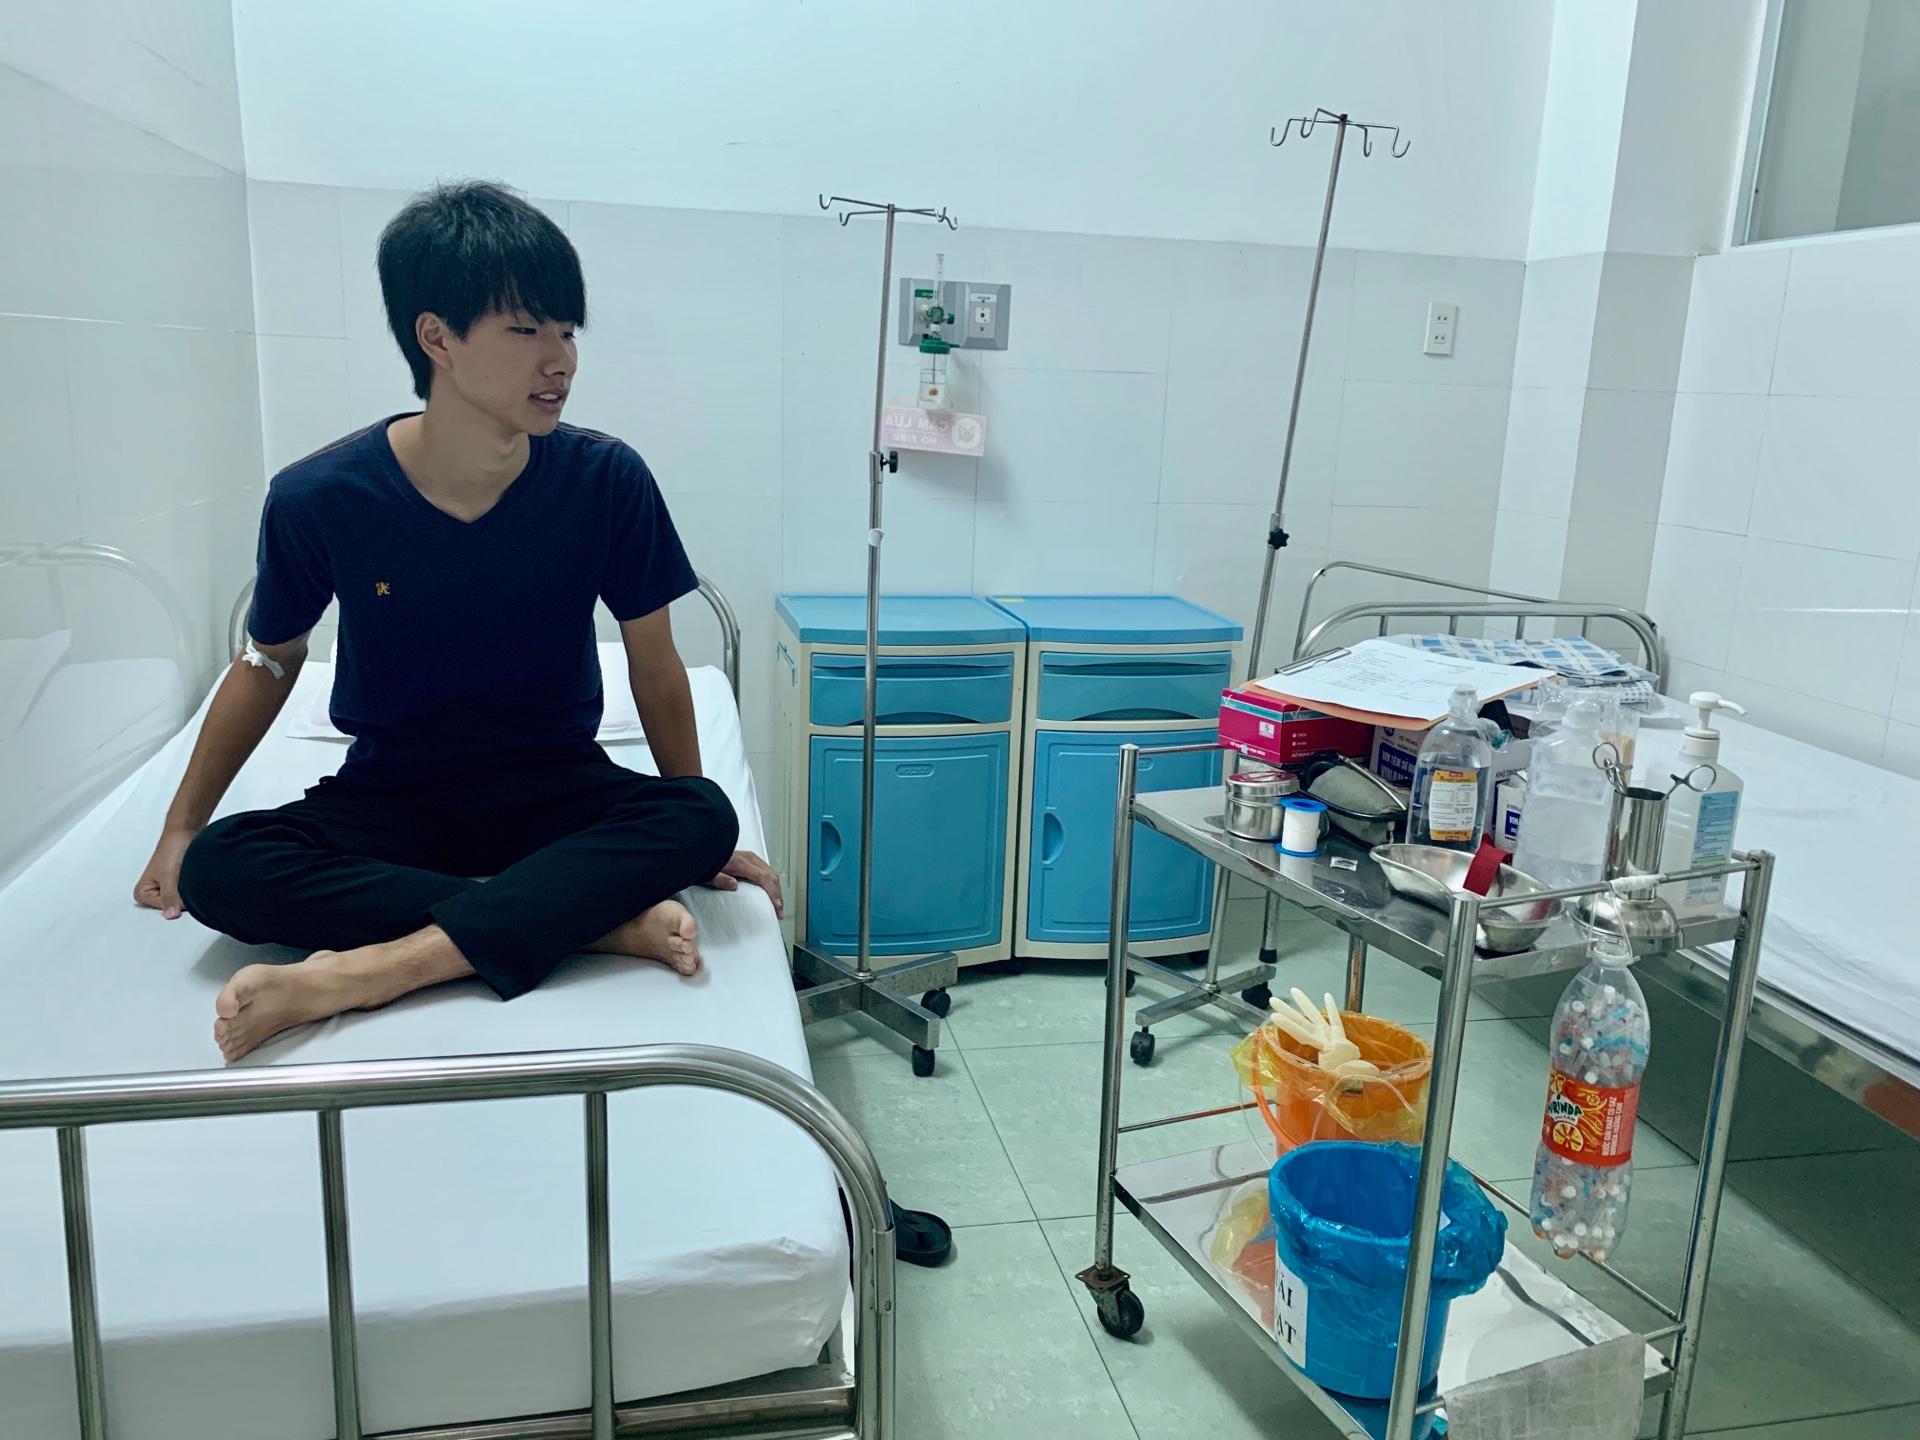 ニャチャンで入院決定、原因は蚊!?